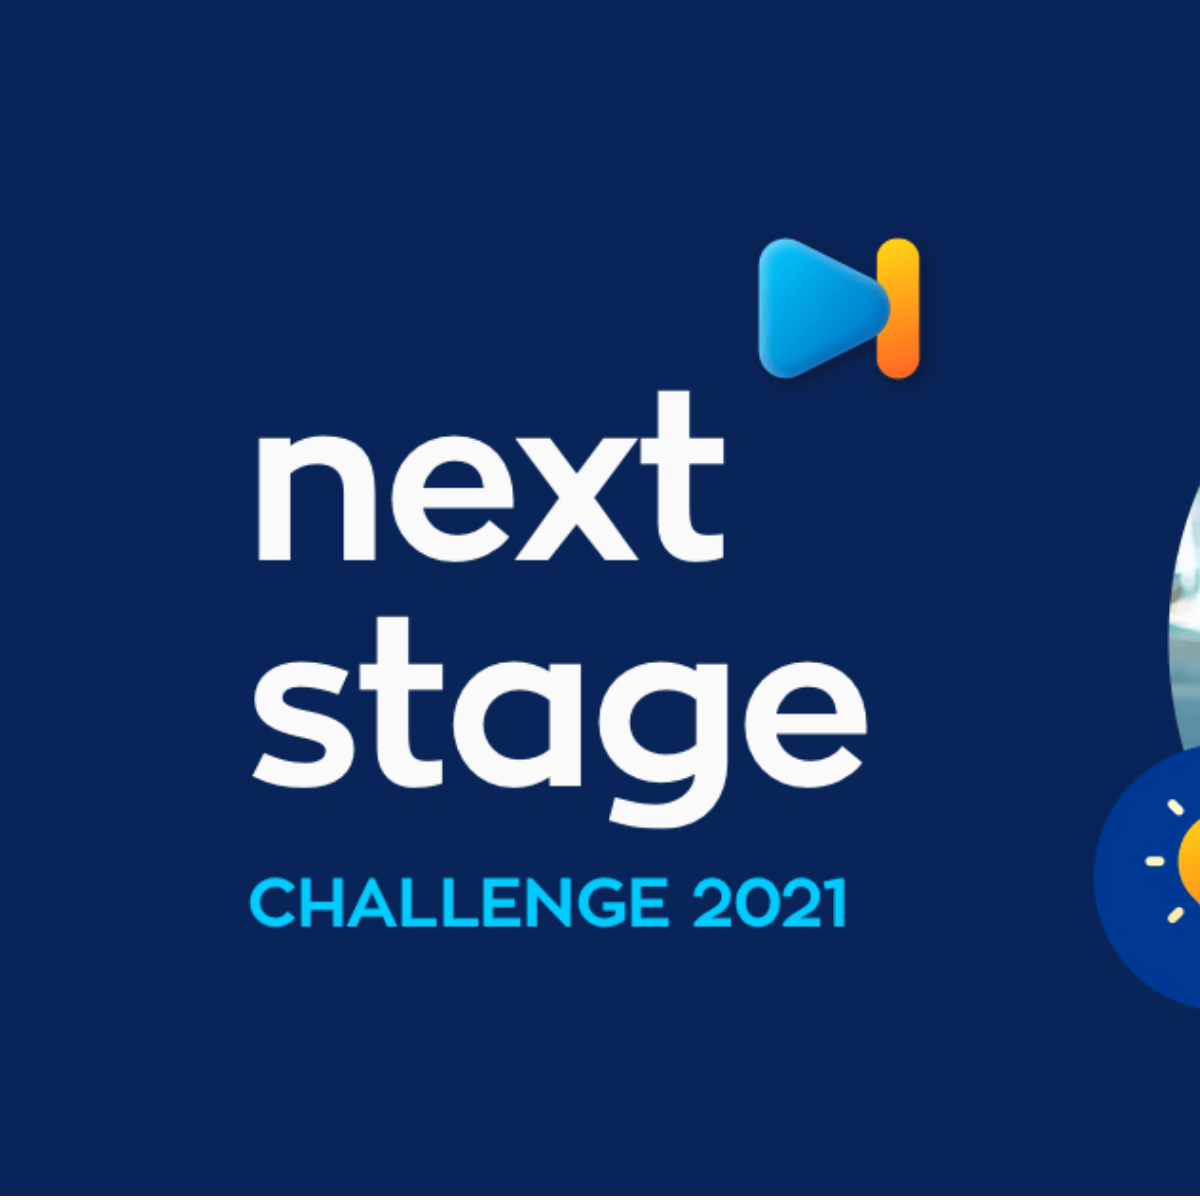 Οι 15 ομάδες που προκρίθηκαν στον τελικό του Next Stage Challenge 2021